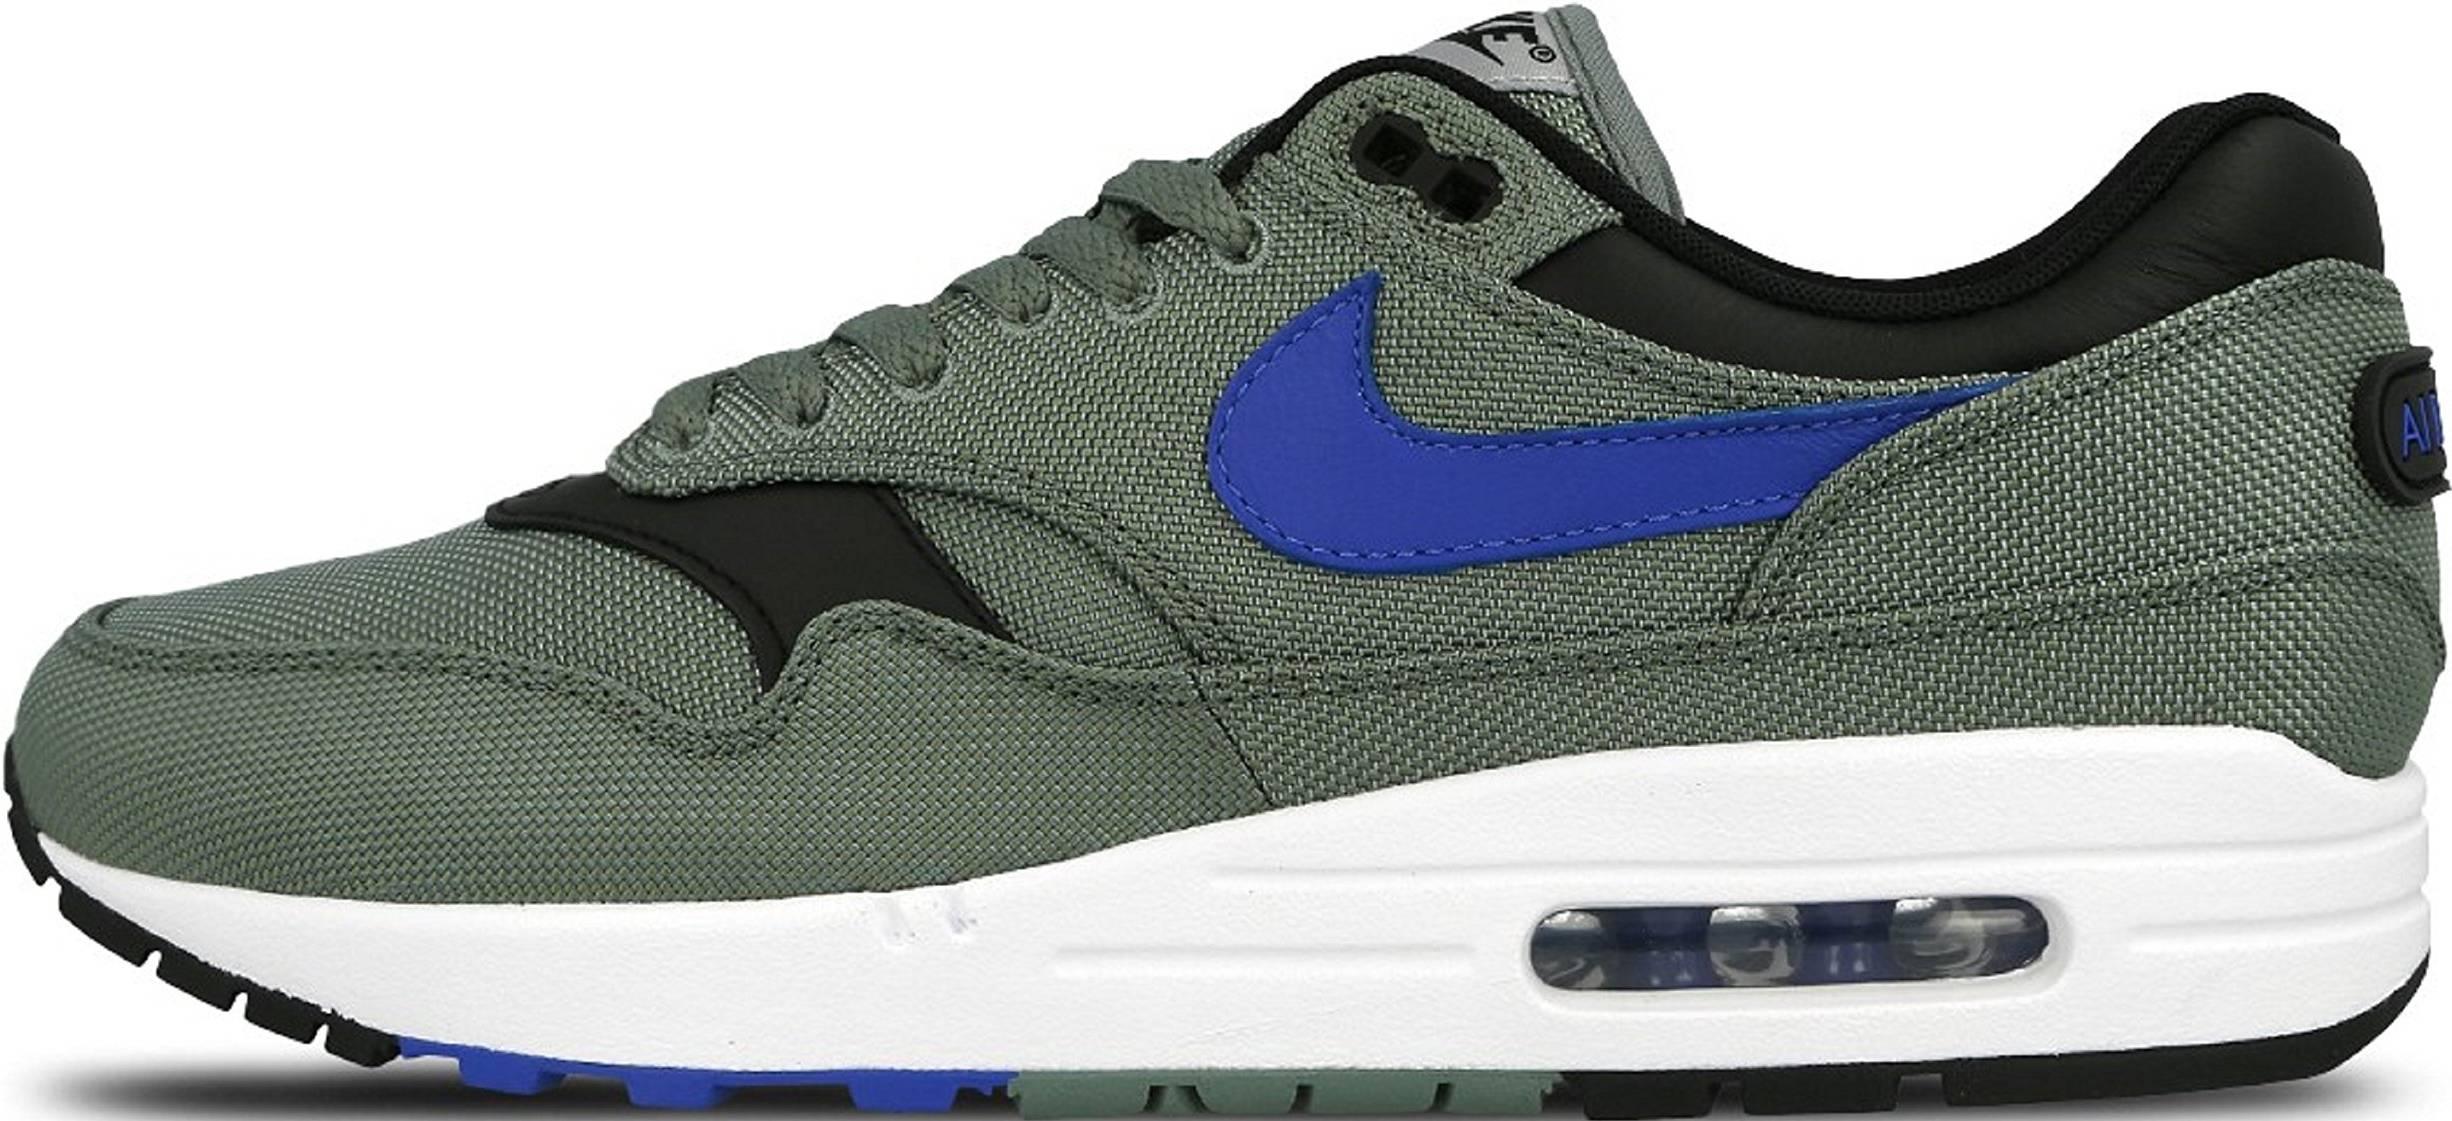 Nike Air Max 1 Premium sneakers in 4 colors (only $95) | RunRepeat